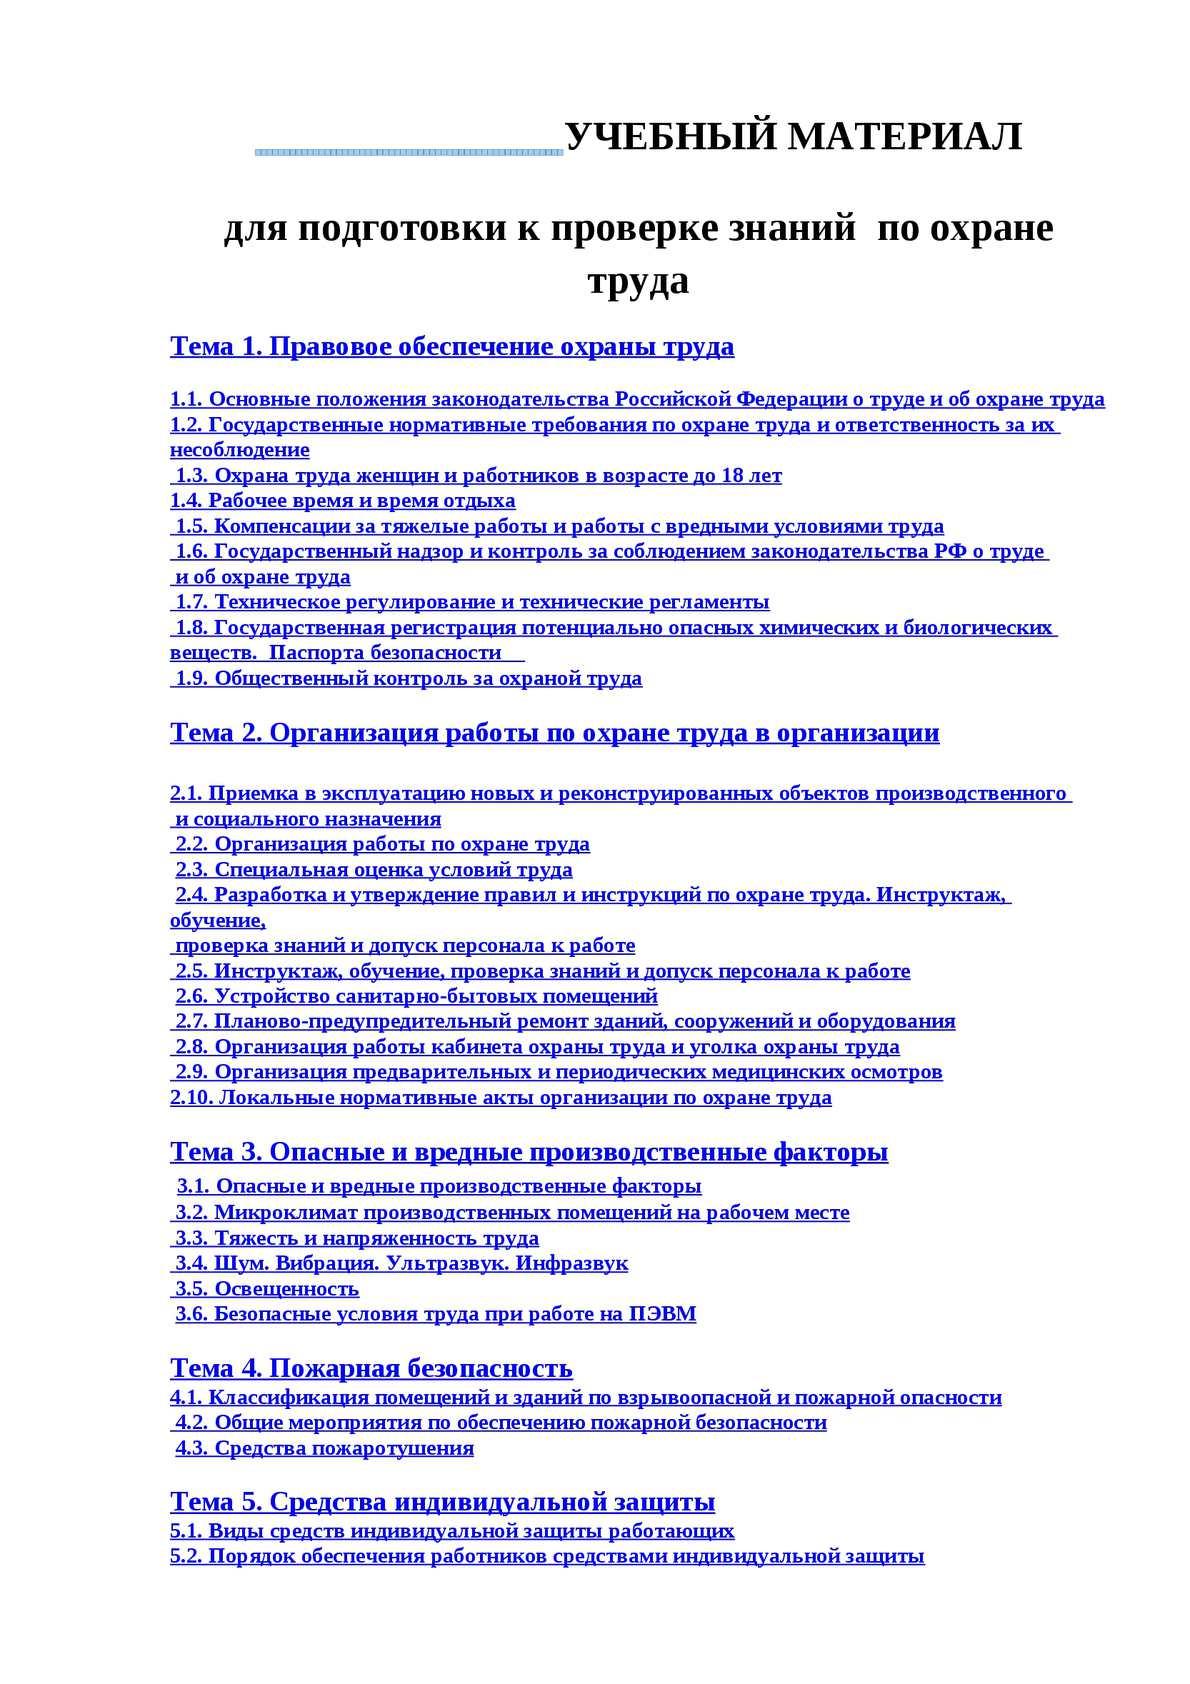 Должностная инструкция диспетчера эвакуаторской службы